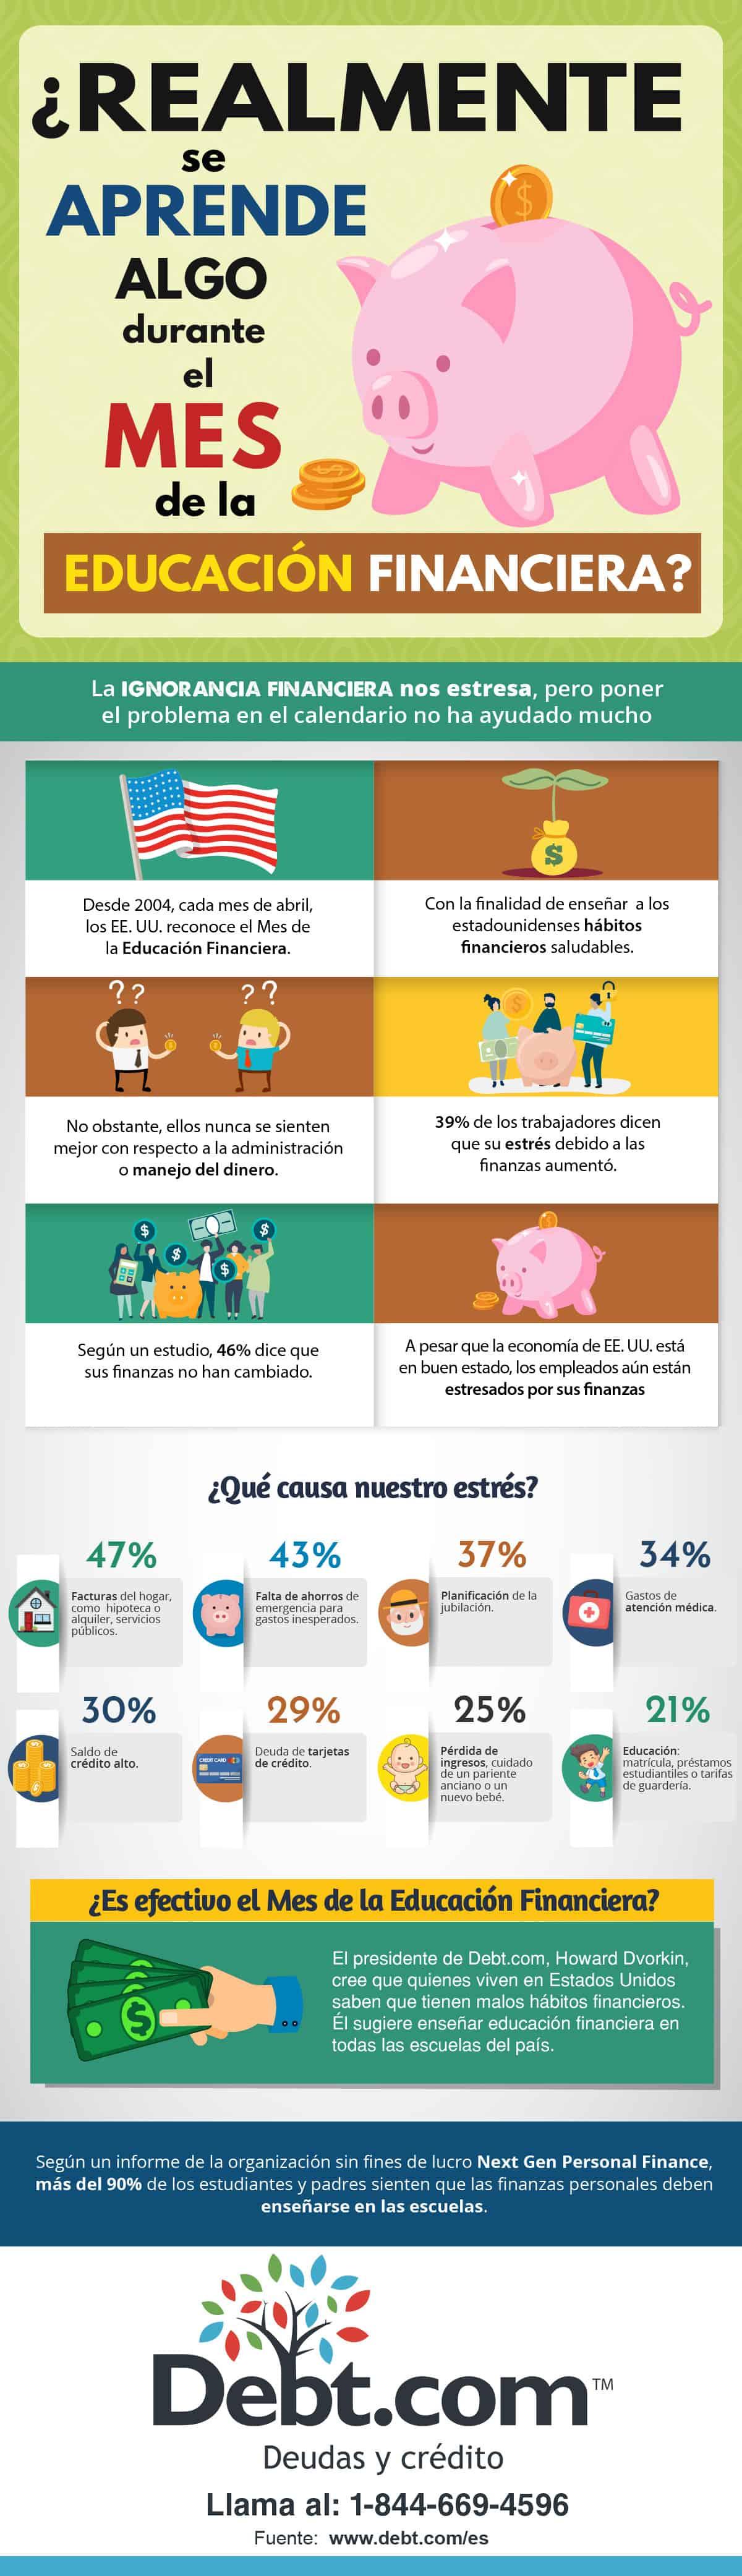 Infografía sobre el aprendizaje en el Mes de la Educación Financiera